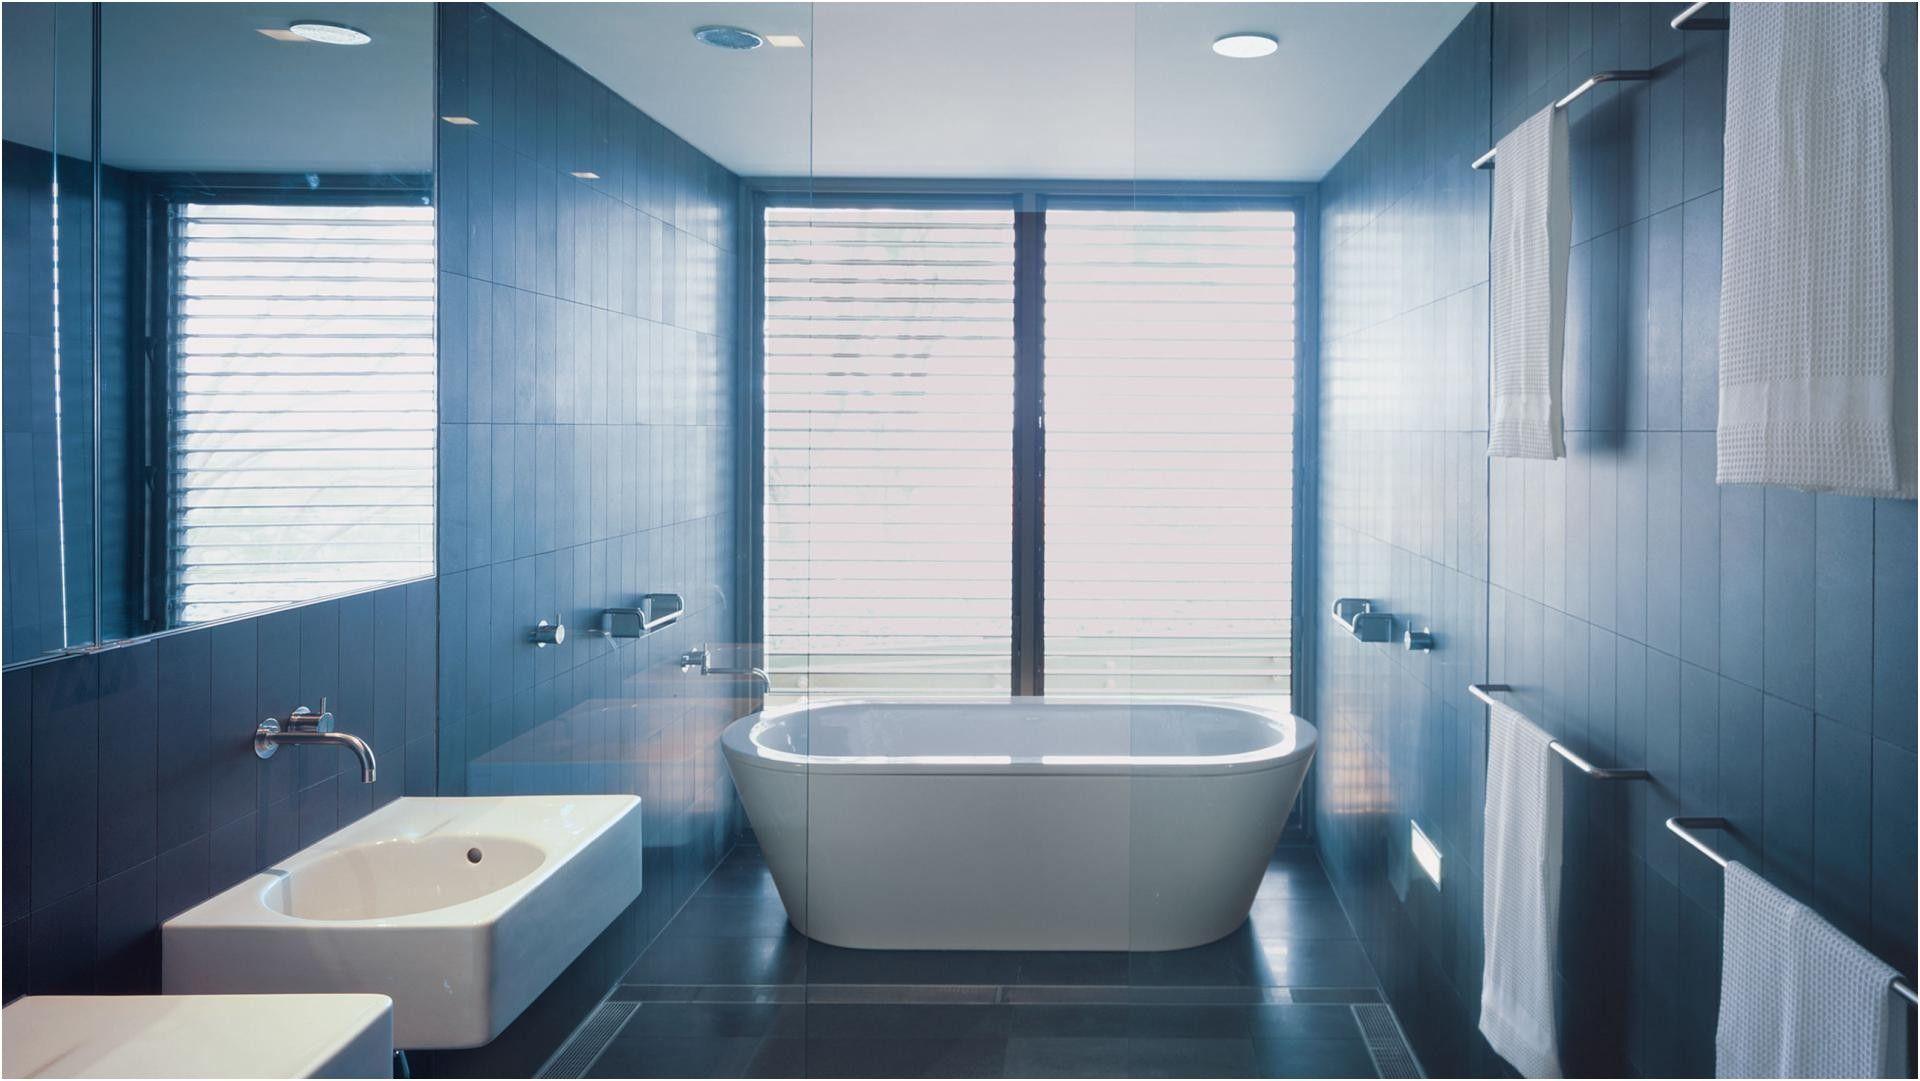 top 7 wet room design tips from Wet Area Bathroom Design ...